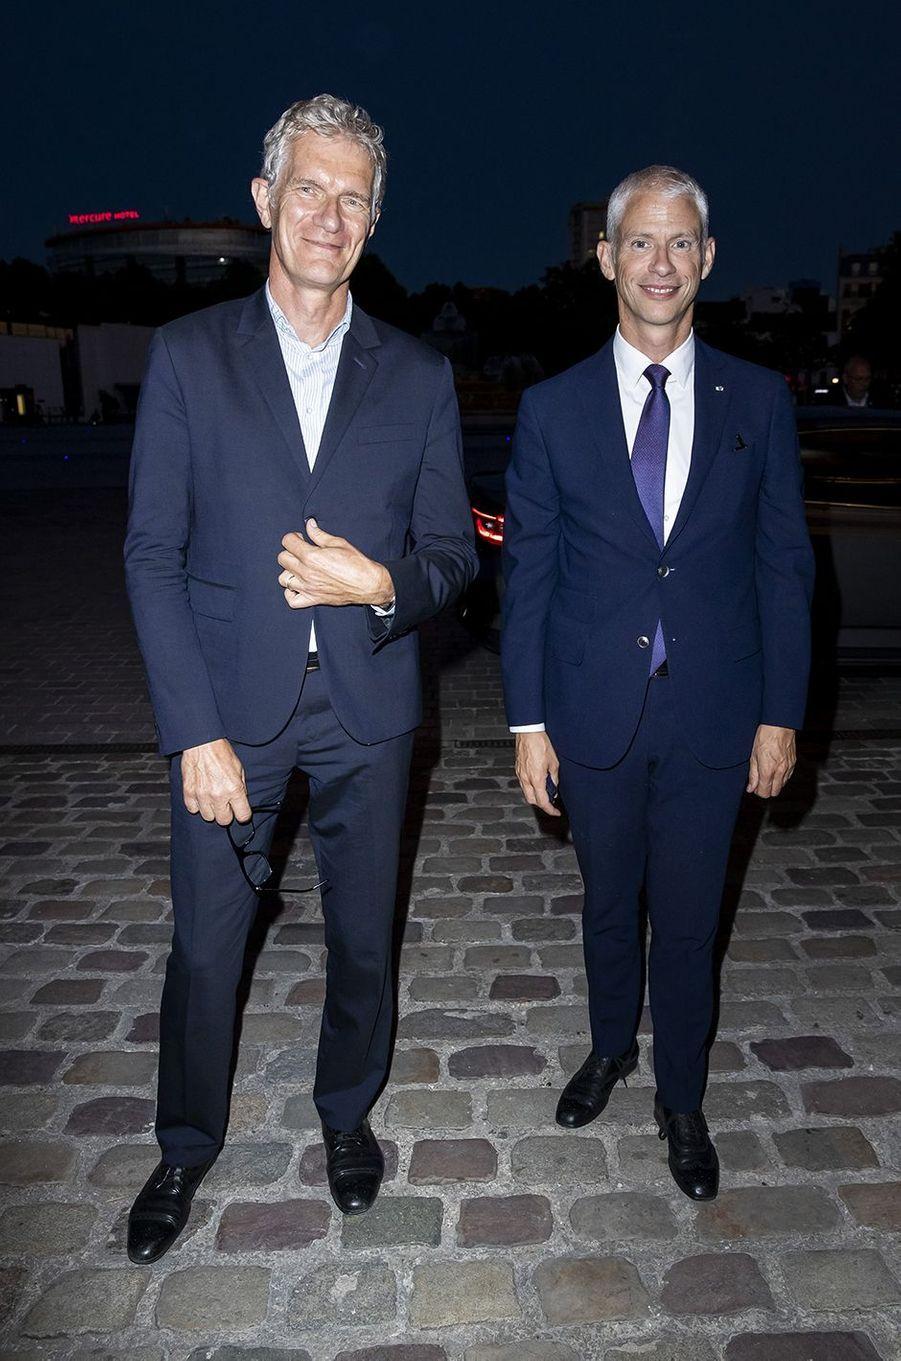 Didier Fusillier (président de la Villette) et Franck Riesterà l'exposition Jam Capsule à la Villette à Paris le 22 juin 2020